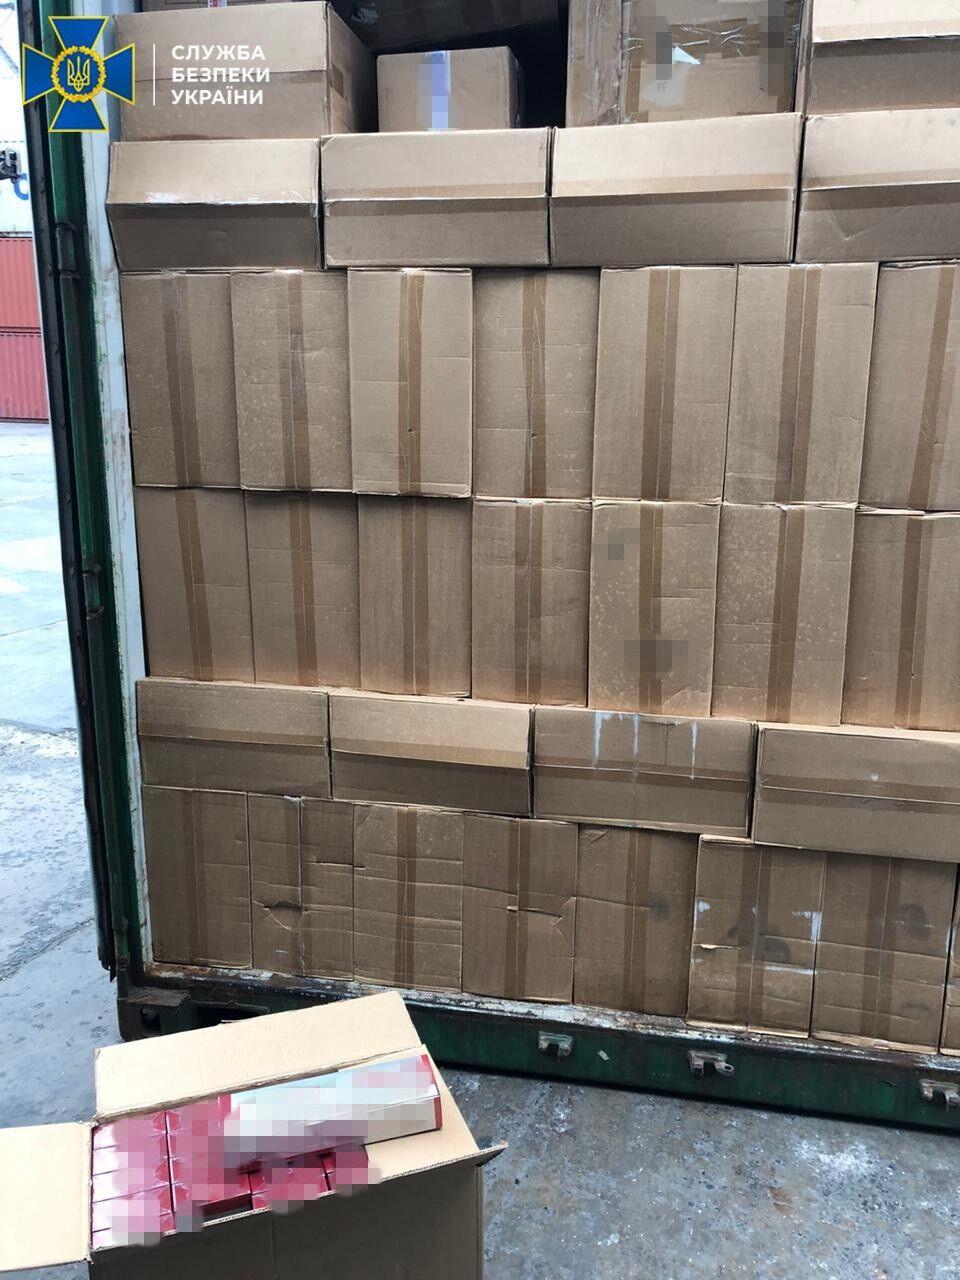 Маса вантажу склала близько 16 тон